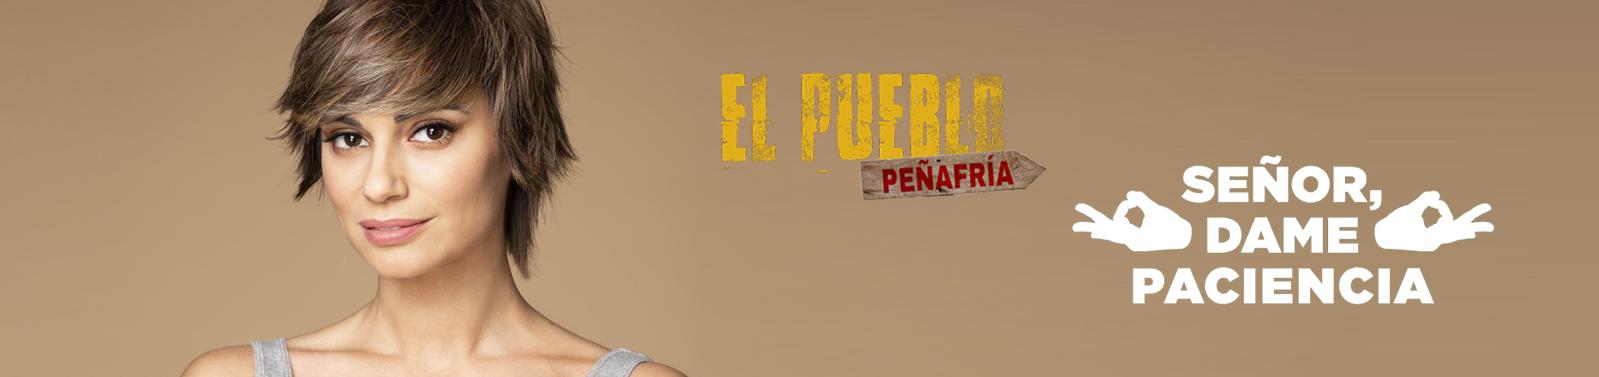 """Norma Ruiz, en la segunda temporada de """"El pueblo"""" y muy pronto en """"Señor dame paciencia"""""""